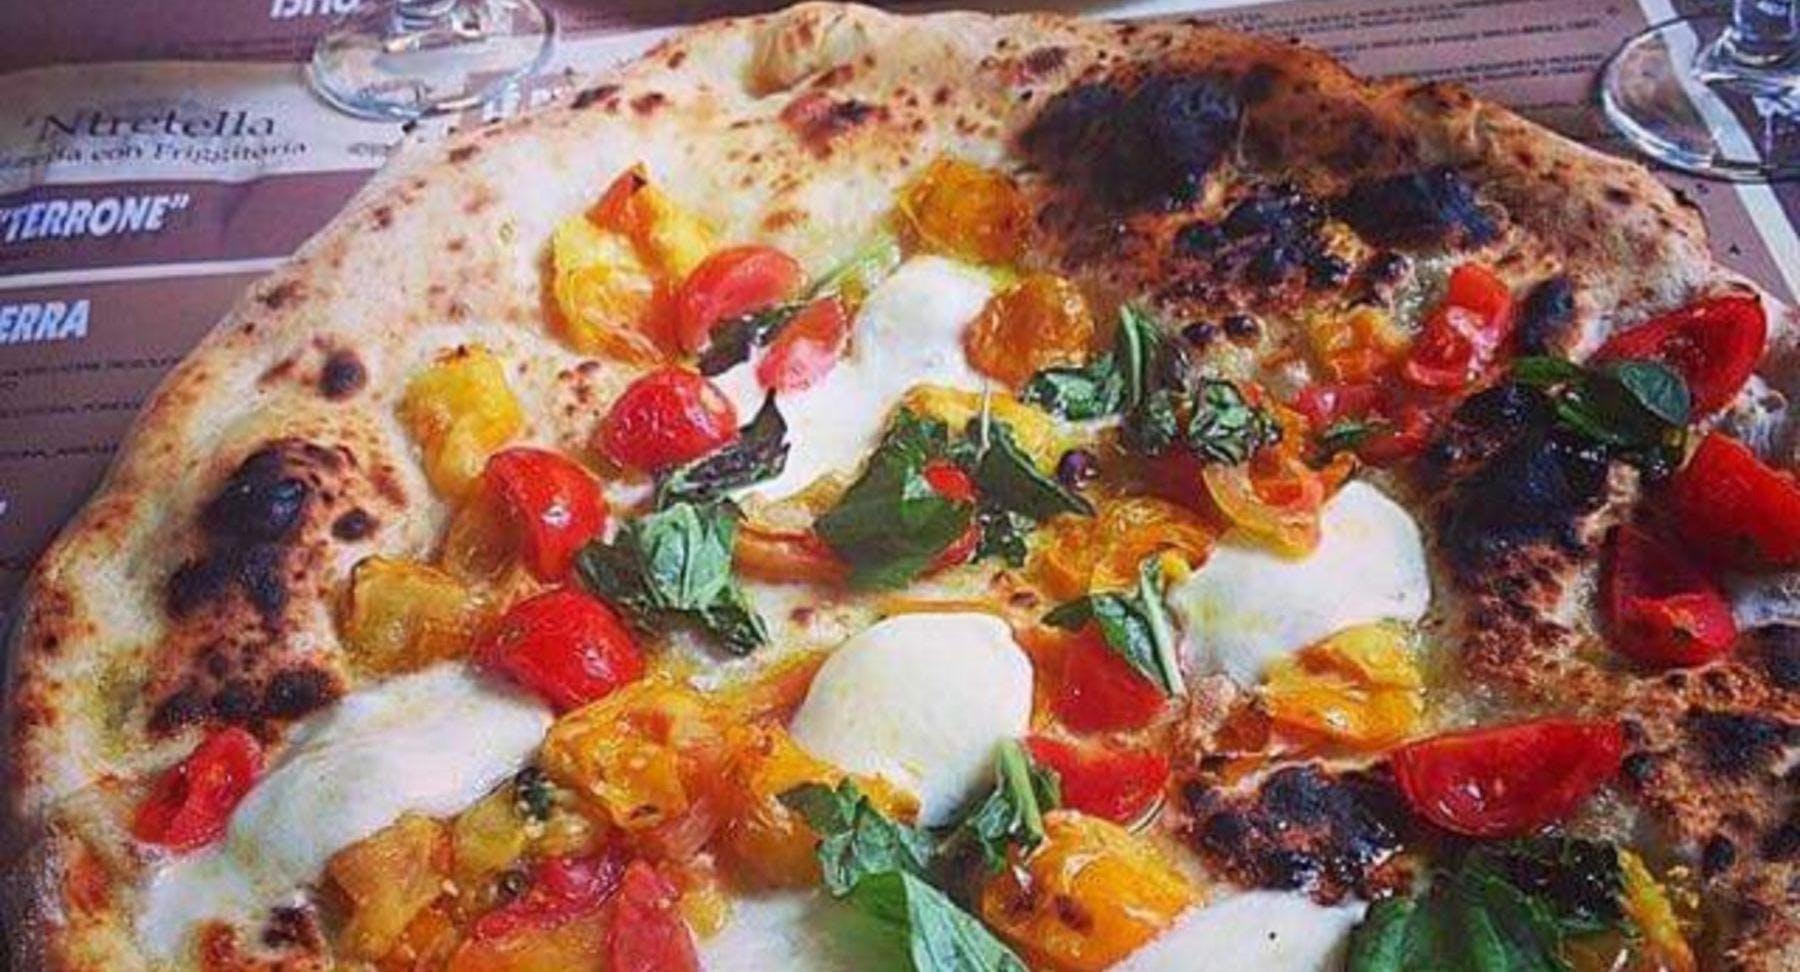 Pizzeria 'Ntretella